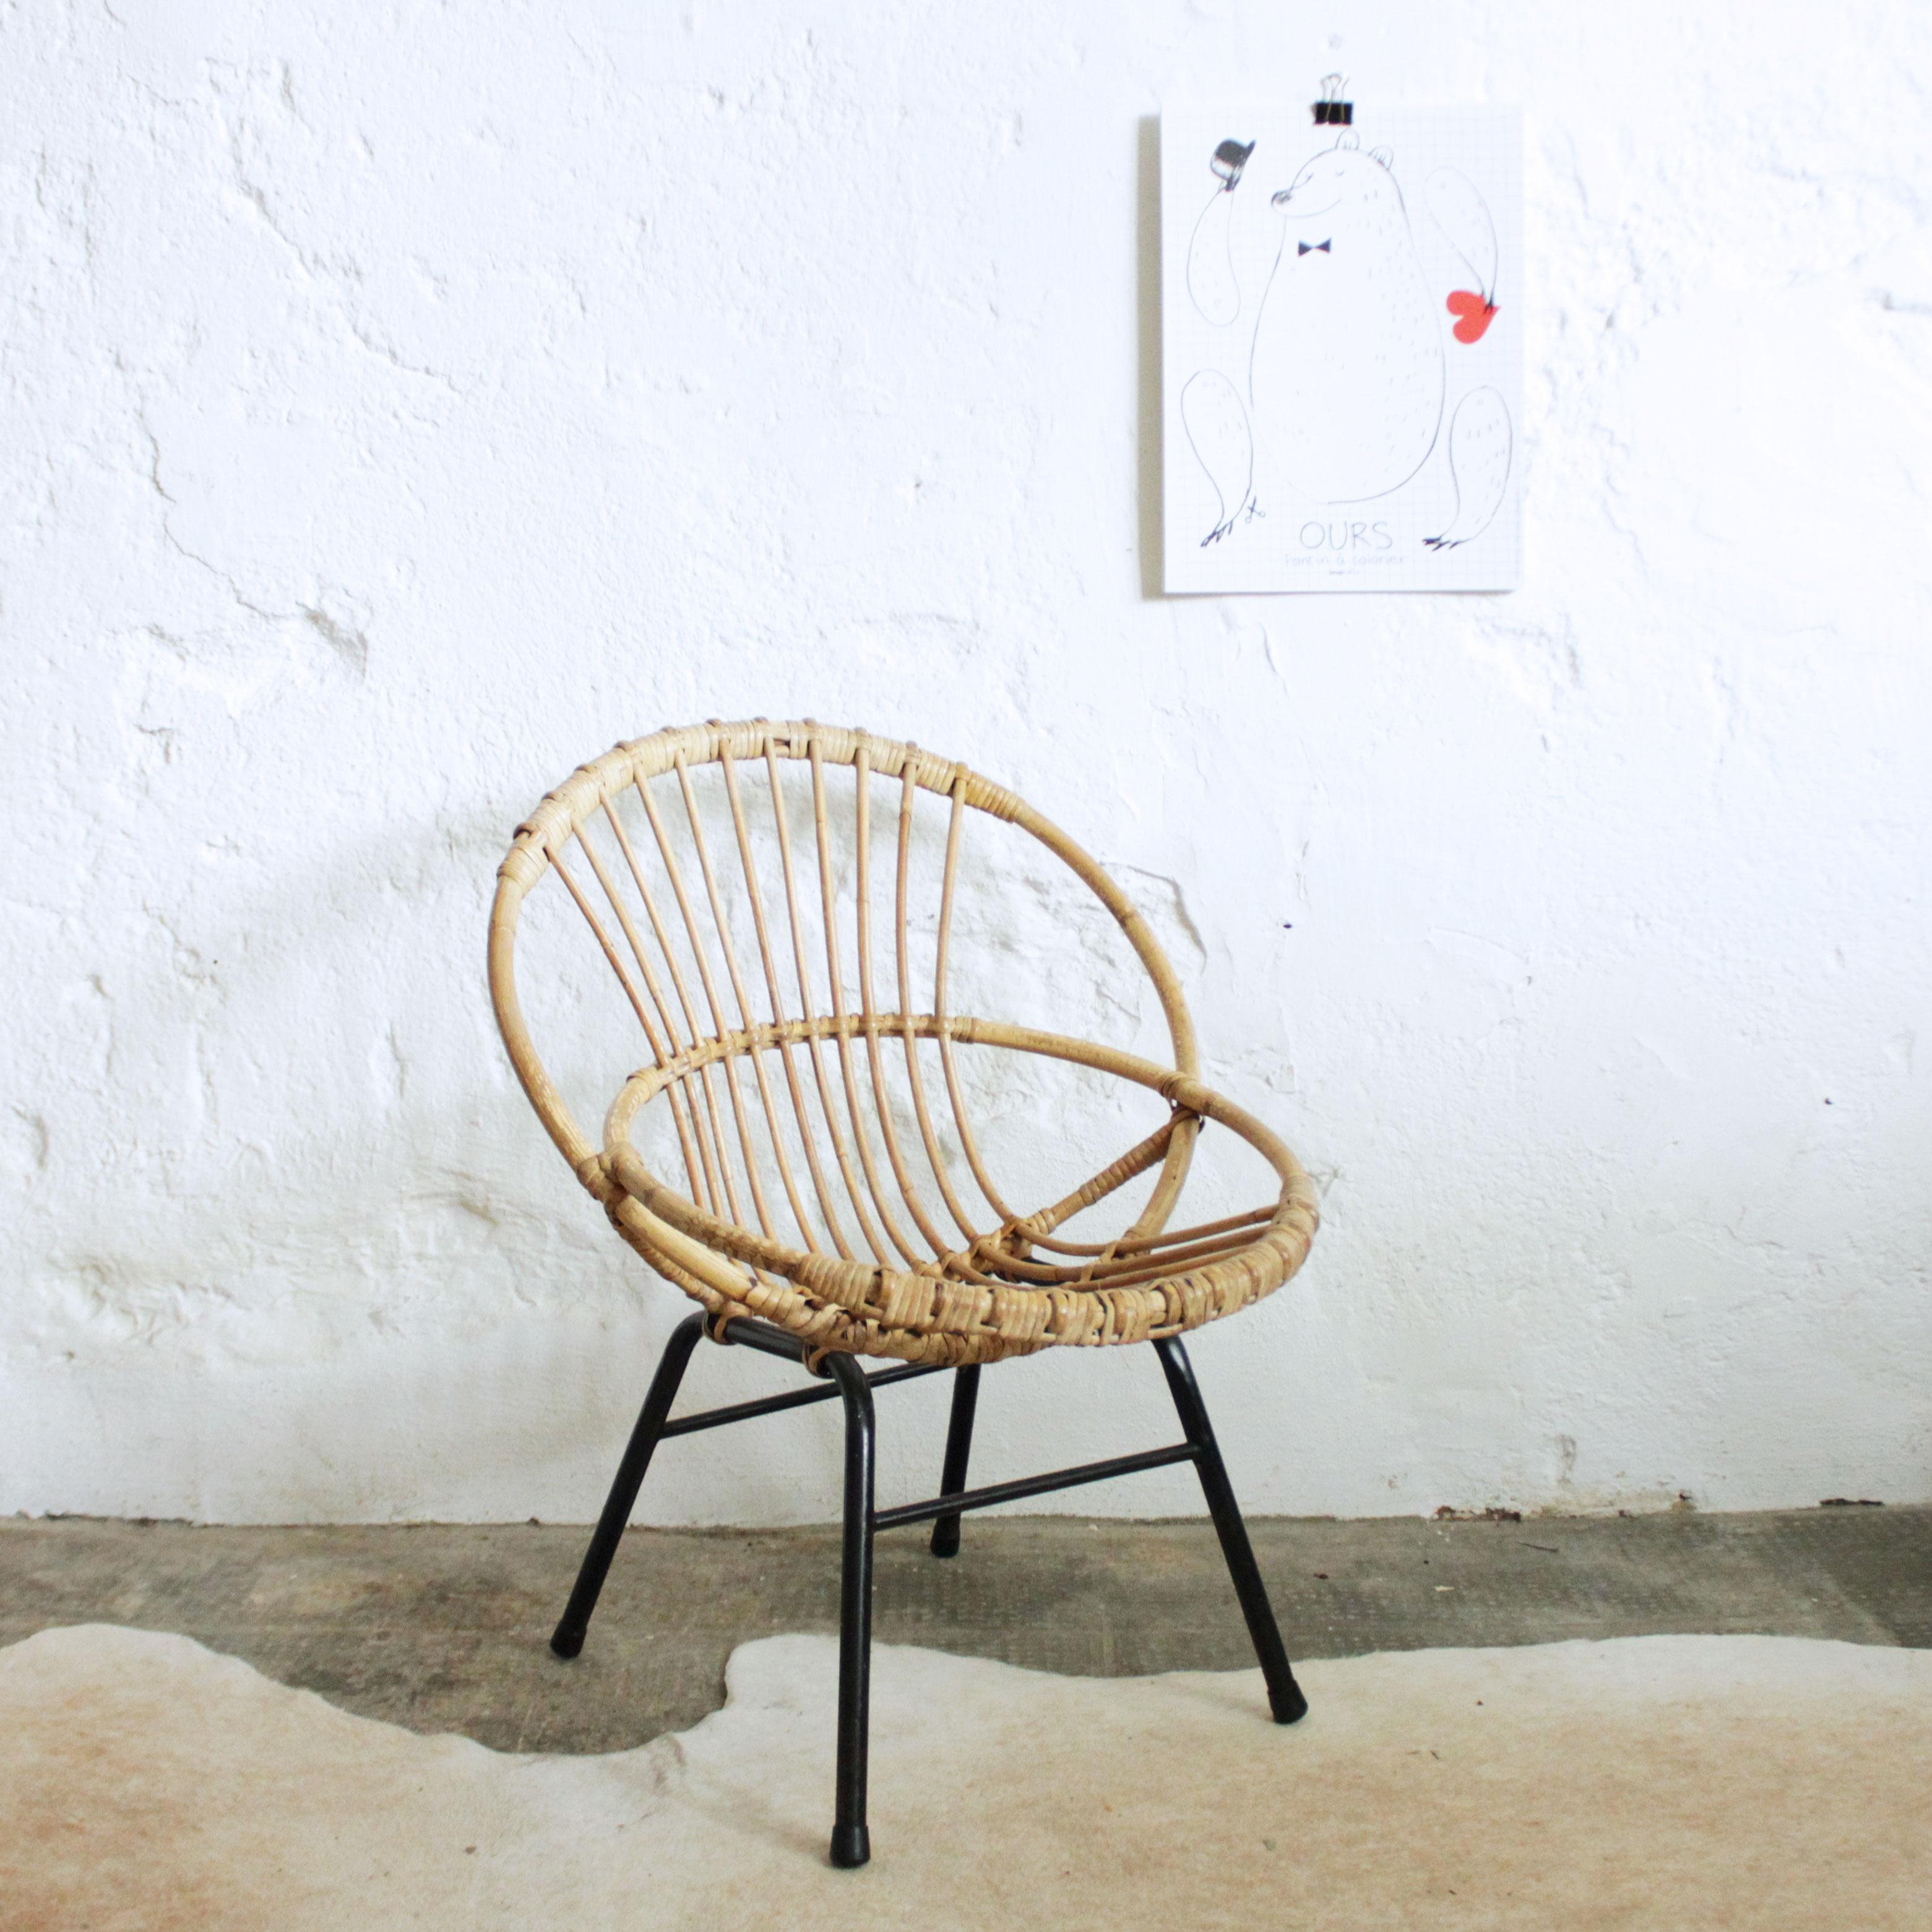 fauteuil rotin ancien nantes atelier du petit parc. Black Bedroom Furniture Sets. Home Design Ideas